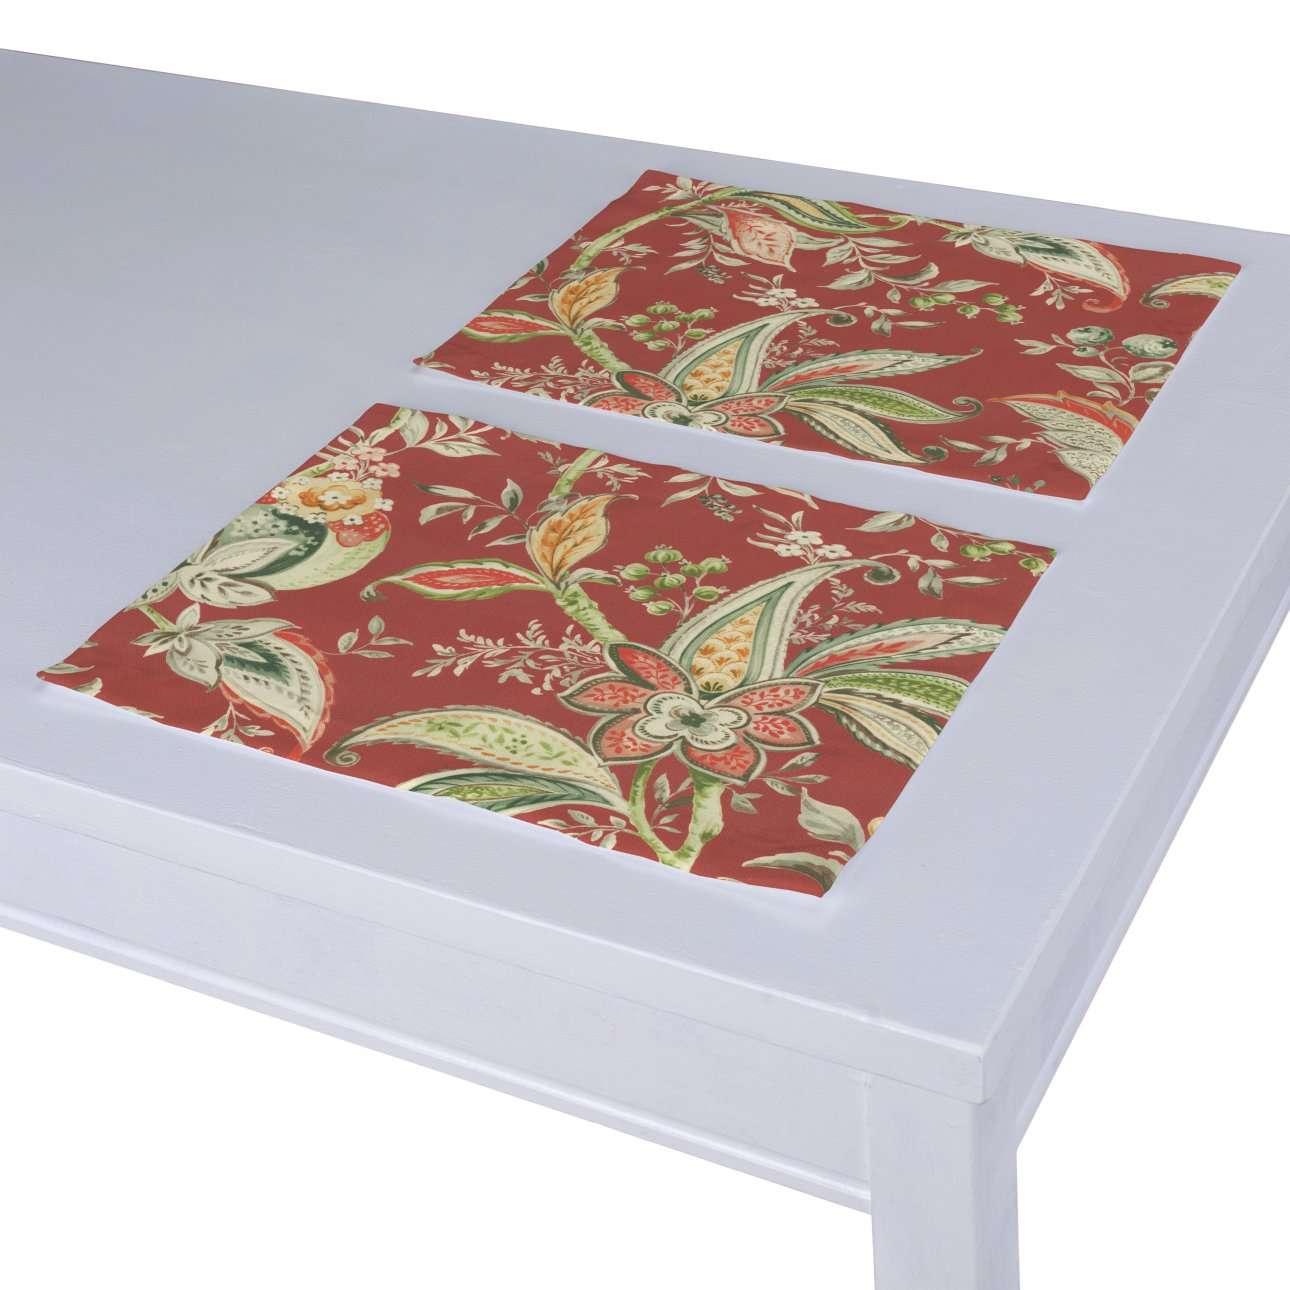 Podkładka 2 sztuki w kolekcji Gardenia, tkanina: 142-12